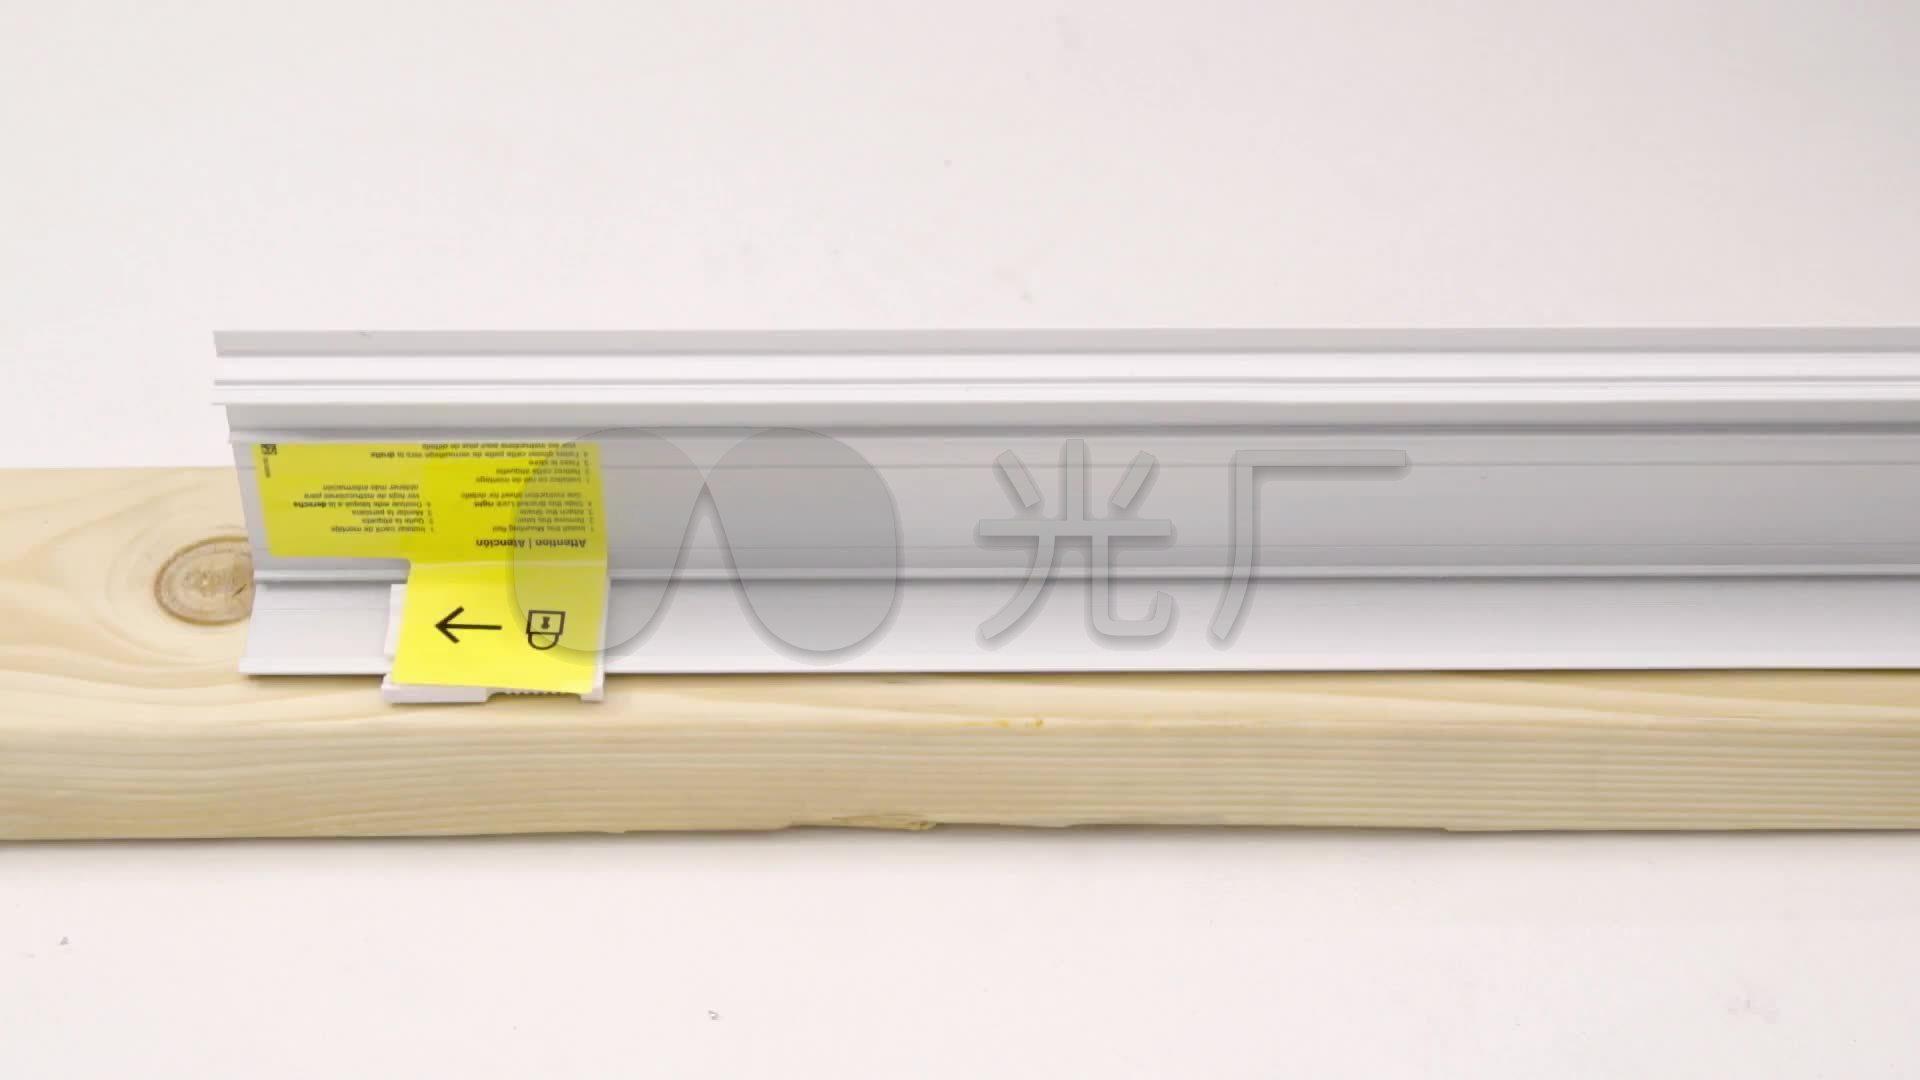 智v视频视频安装_1920X1080_高清森林窗帘素材视频潜水服图片